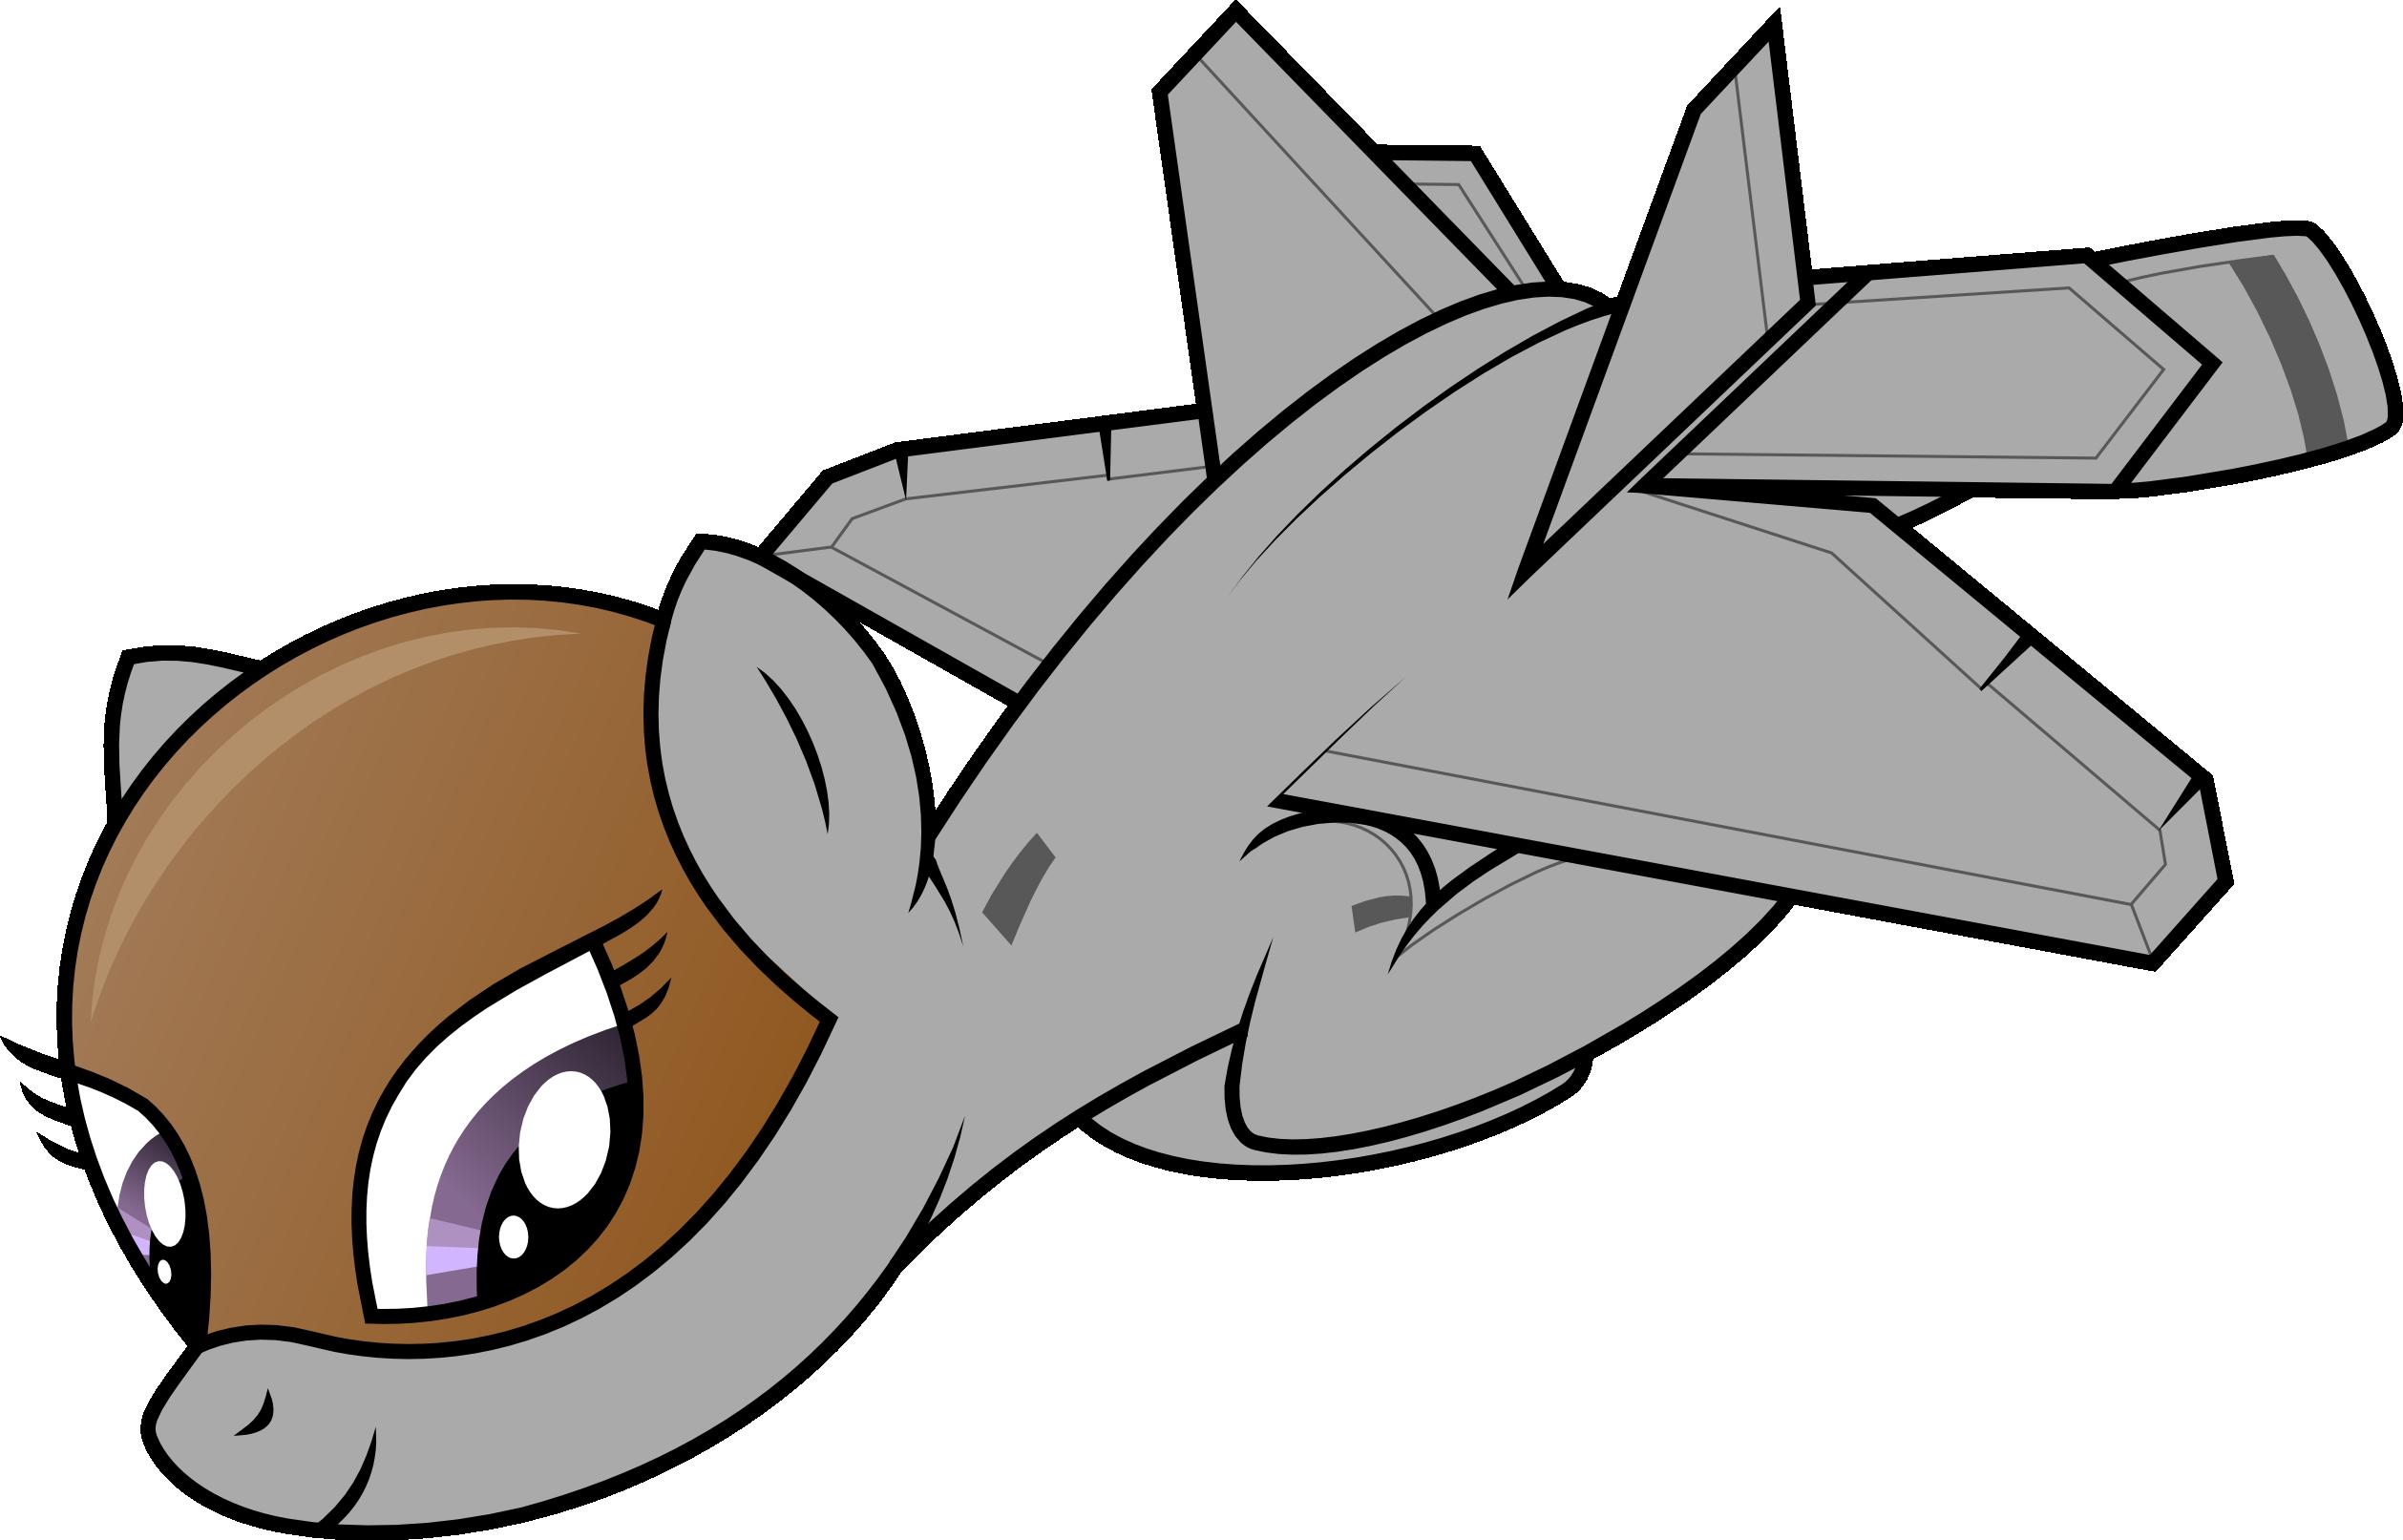 2517x1613 Raptor Plane Ponies Wiki Fandom Powered By Wikia